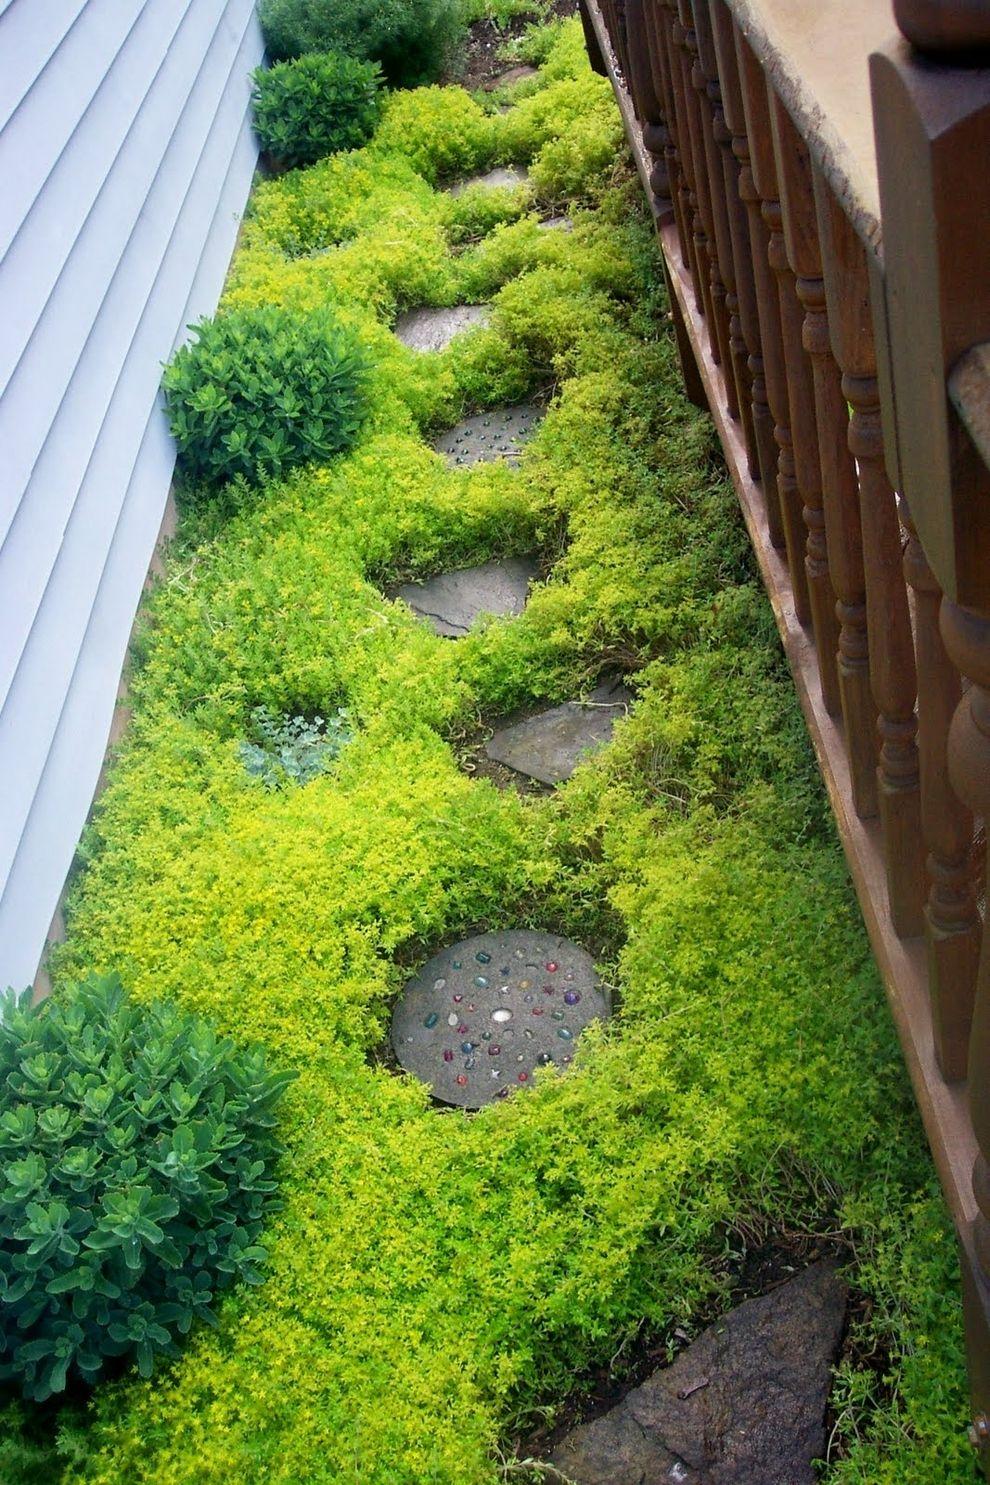 the sedum sarmentosum plant makes a fast growing ground cover